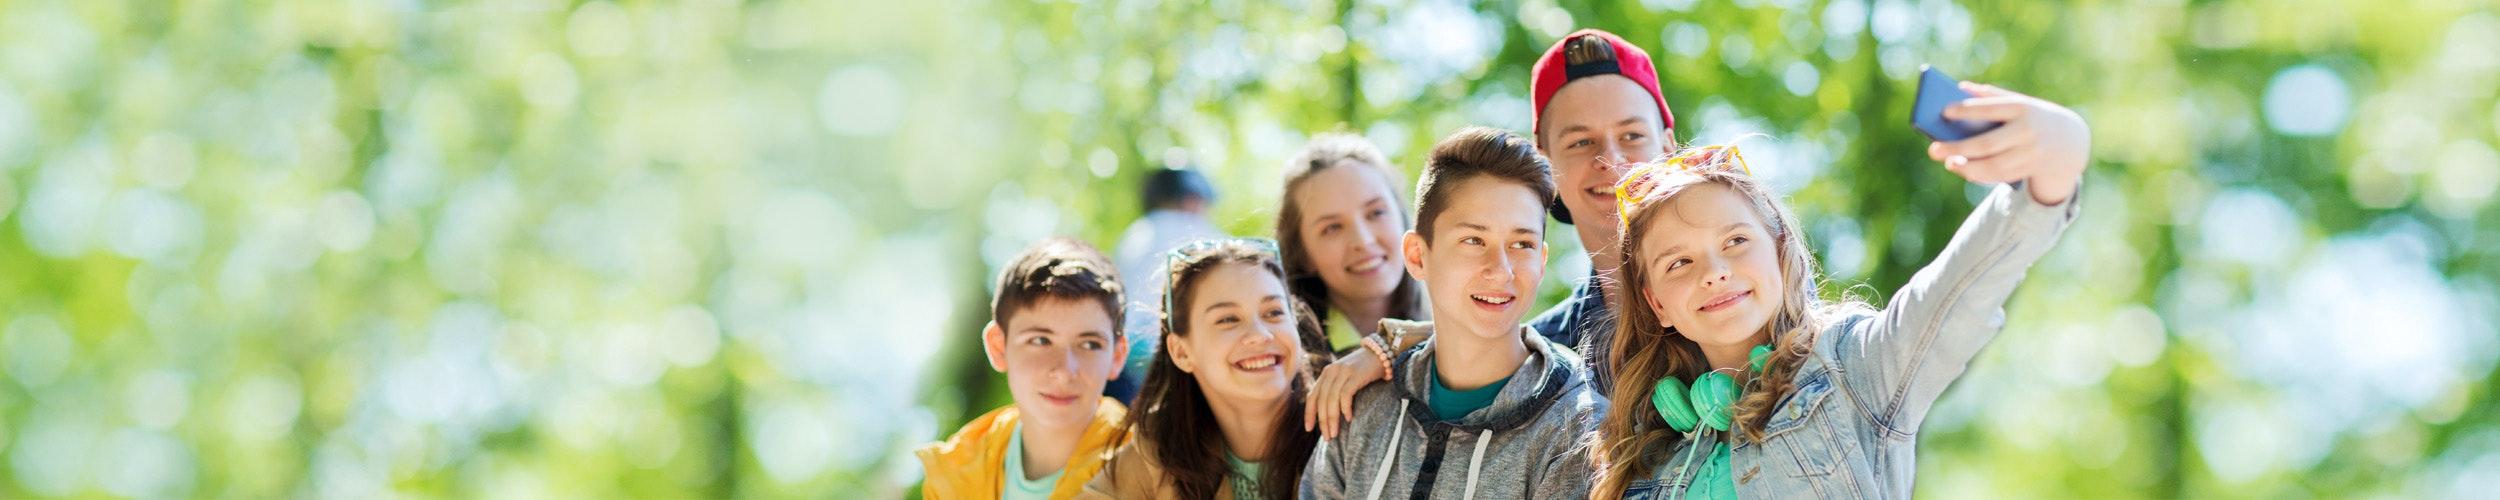 Sprachreisen für Schüler u Jugendliche